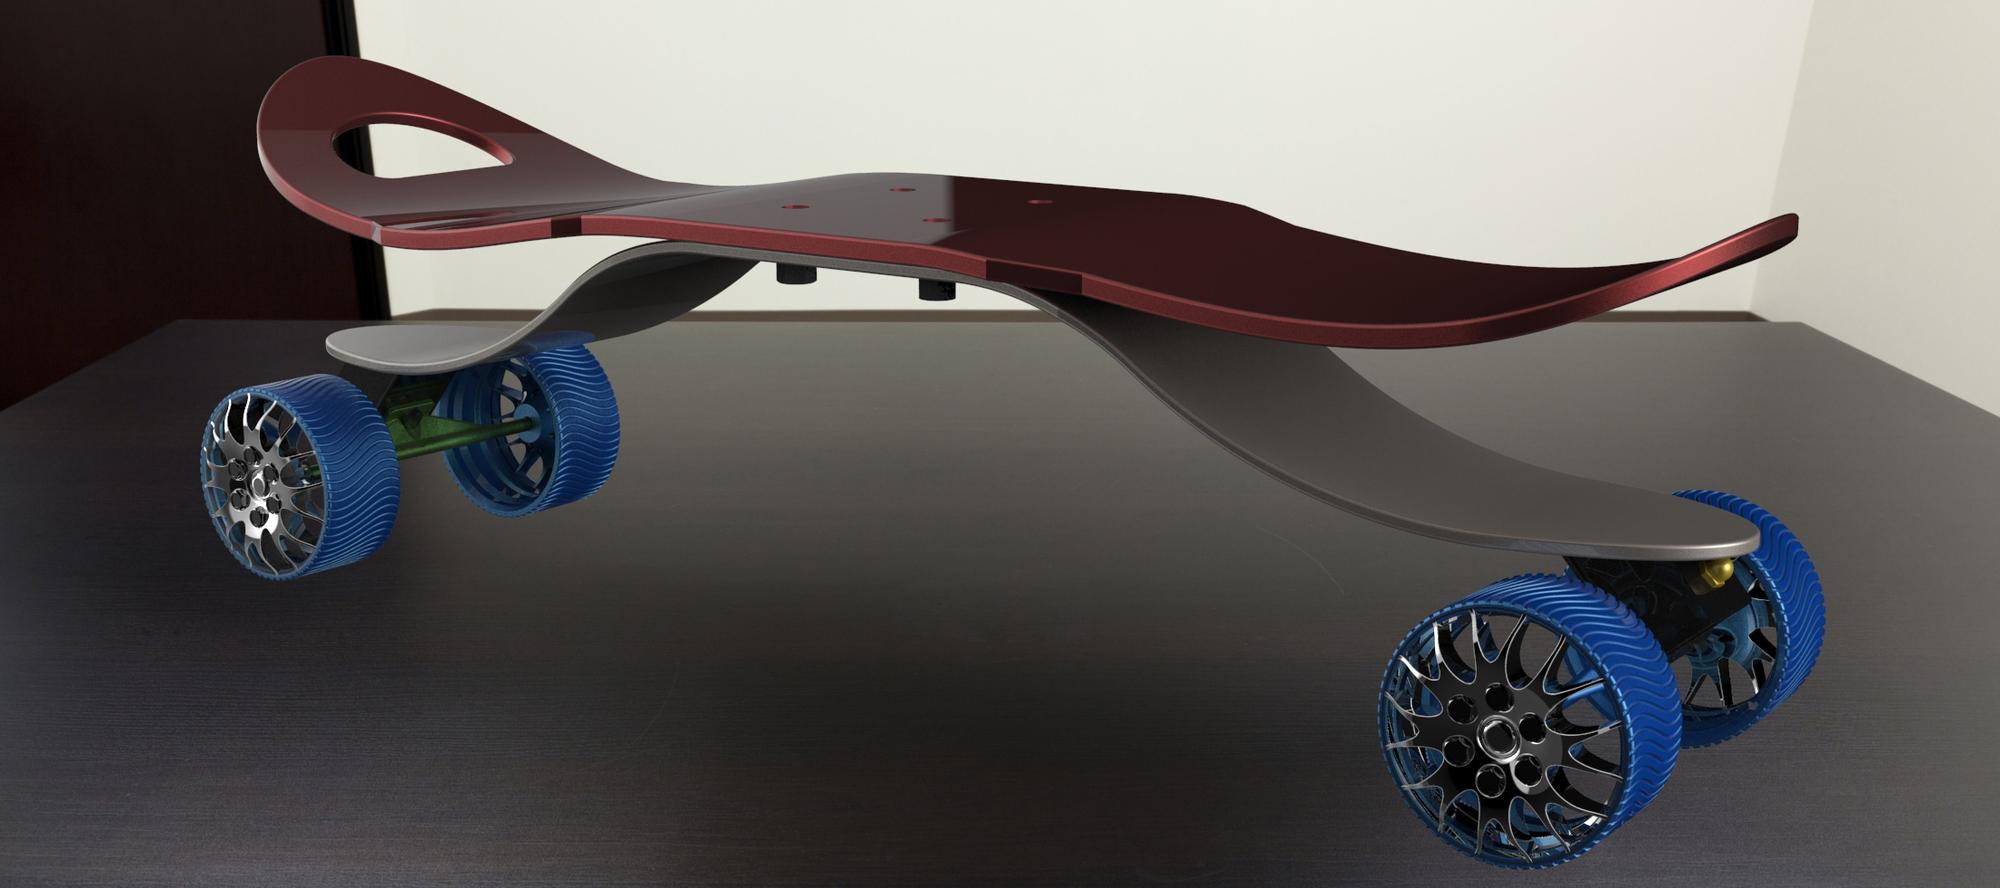 Skateboard Assly Autodesk Online Gallery